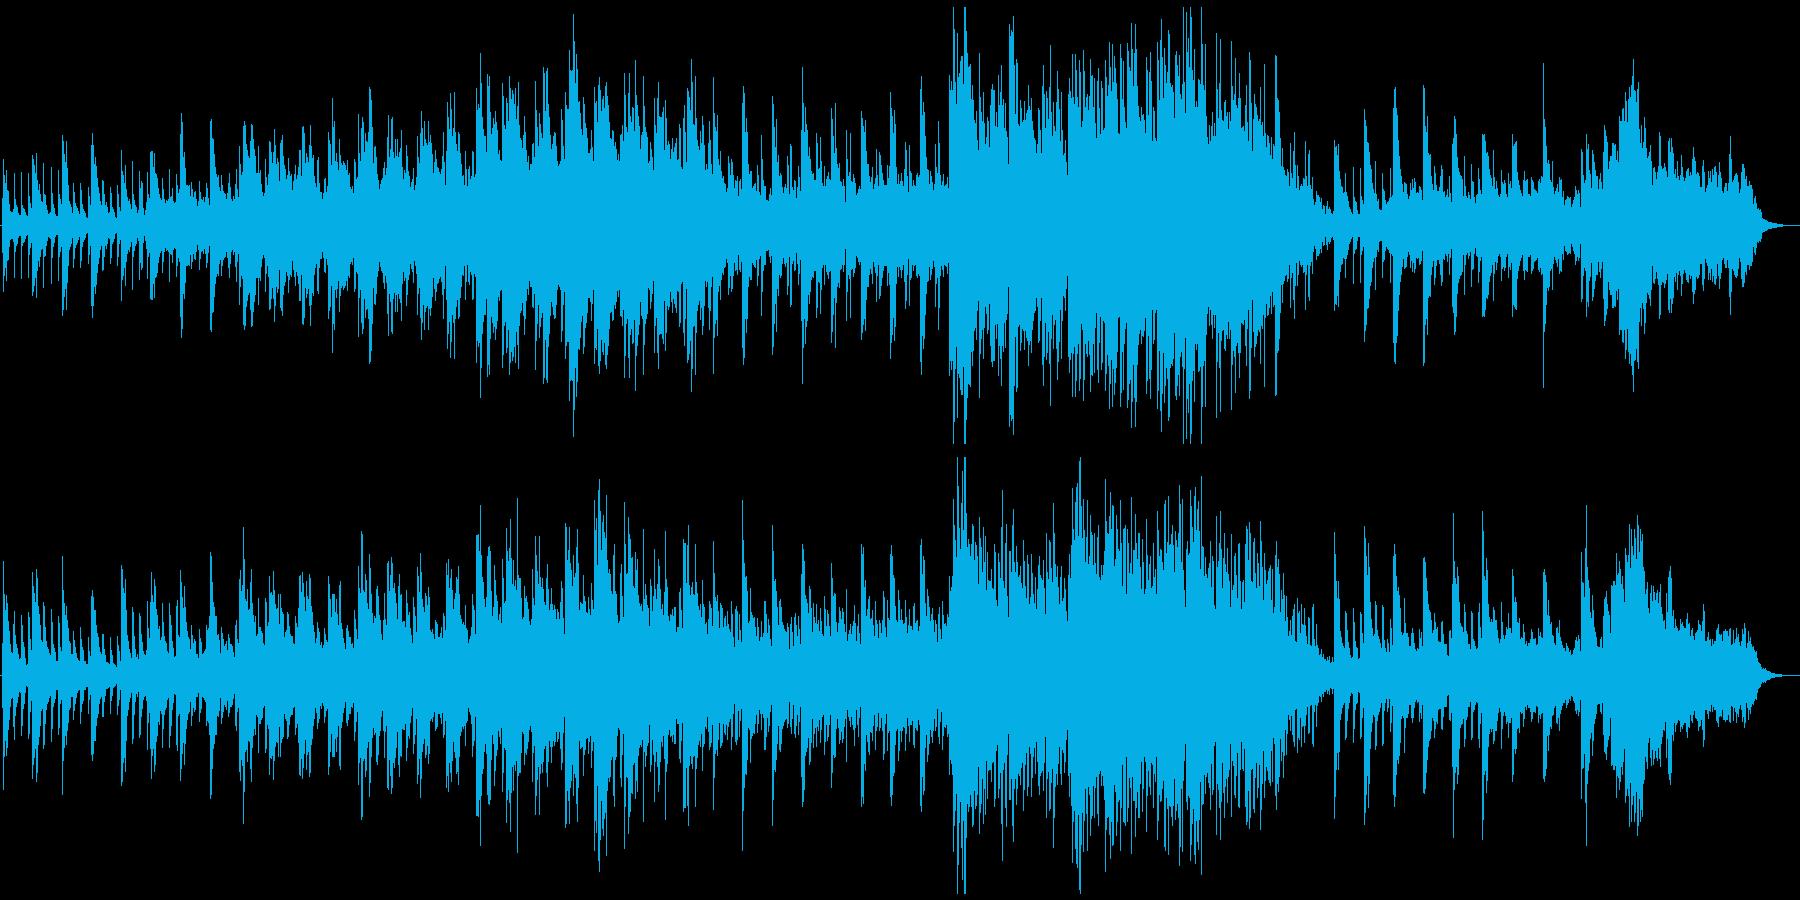 穏やかな雰囲気のピアノとシンセのBGMの再生済みの波形